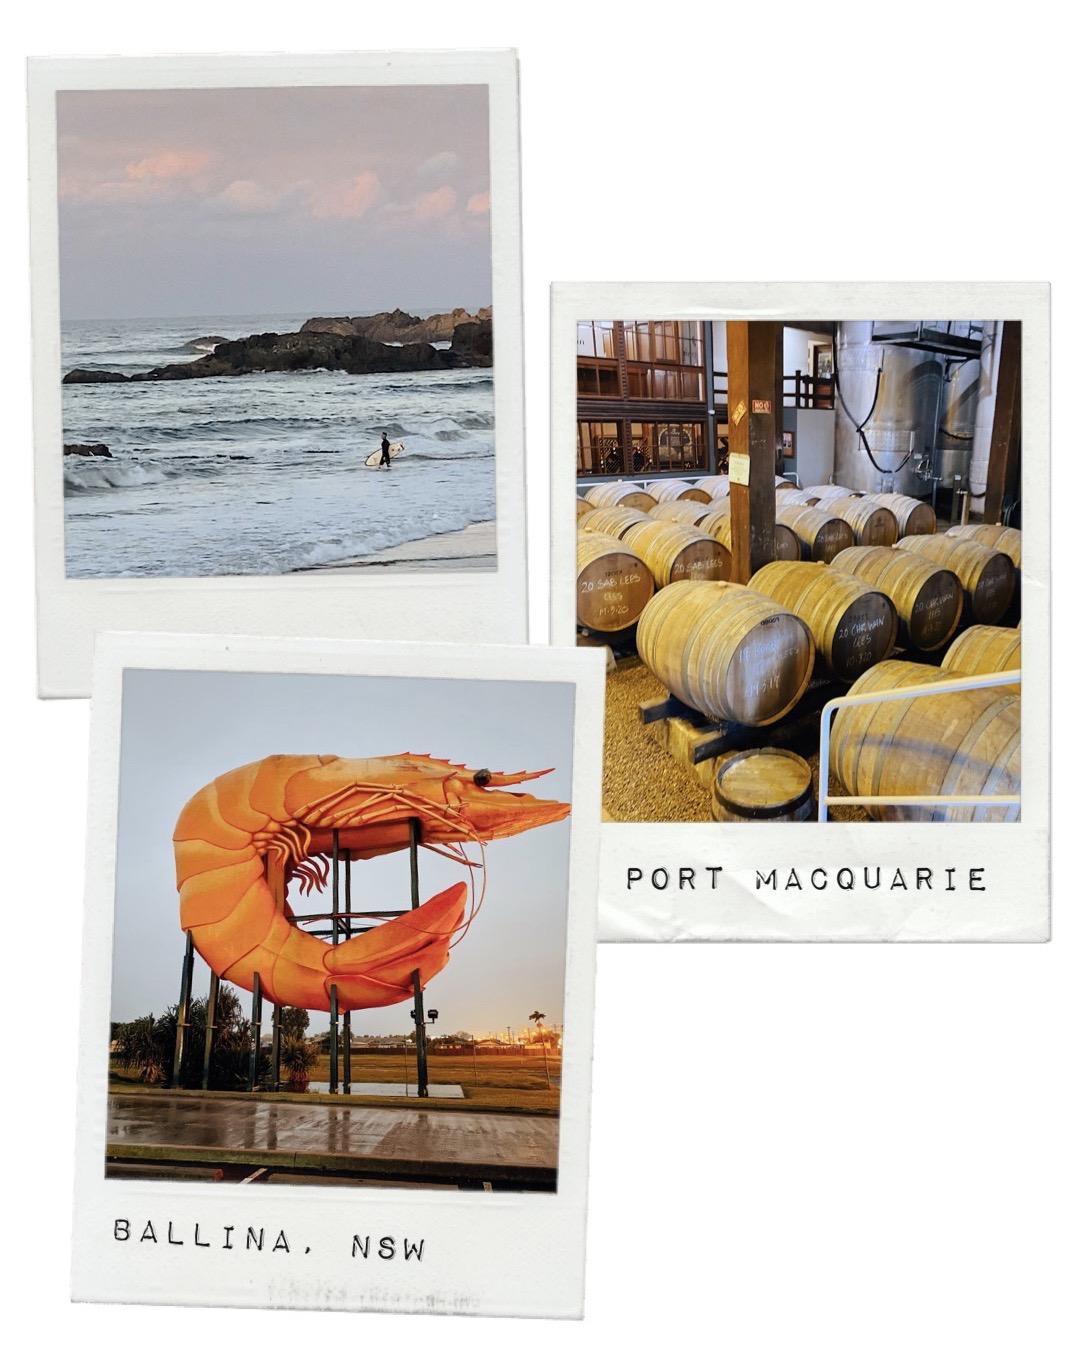 Port Macquarie beach, Cassegrain winery and Ballina's giant prawn